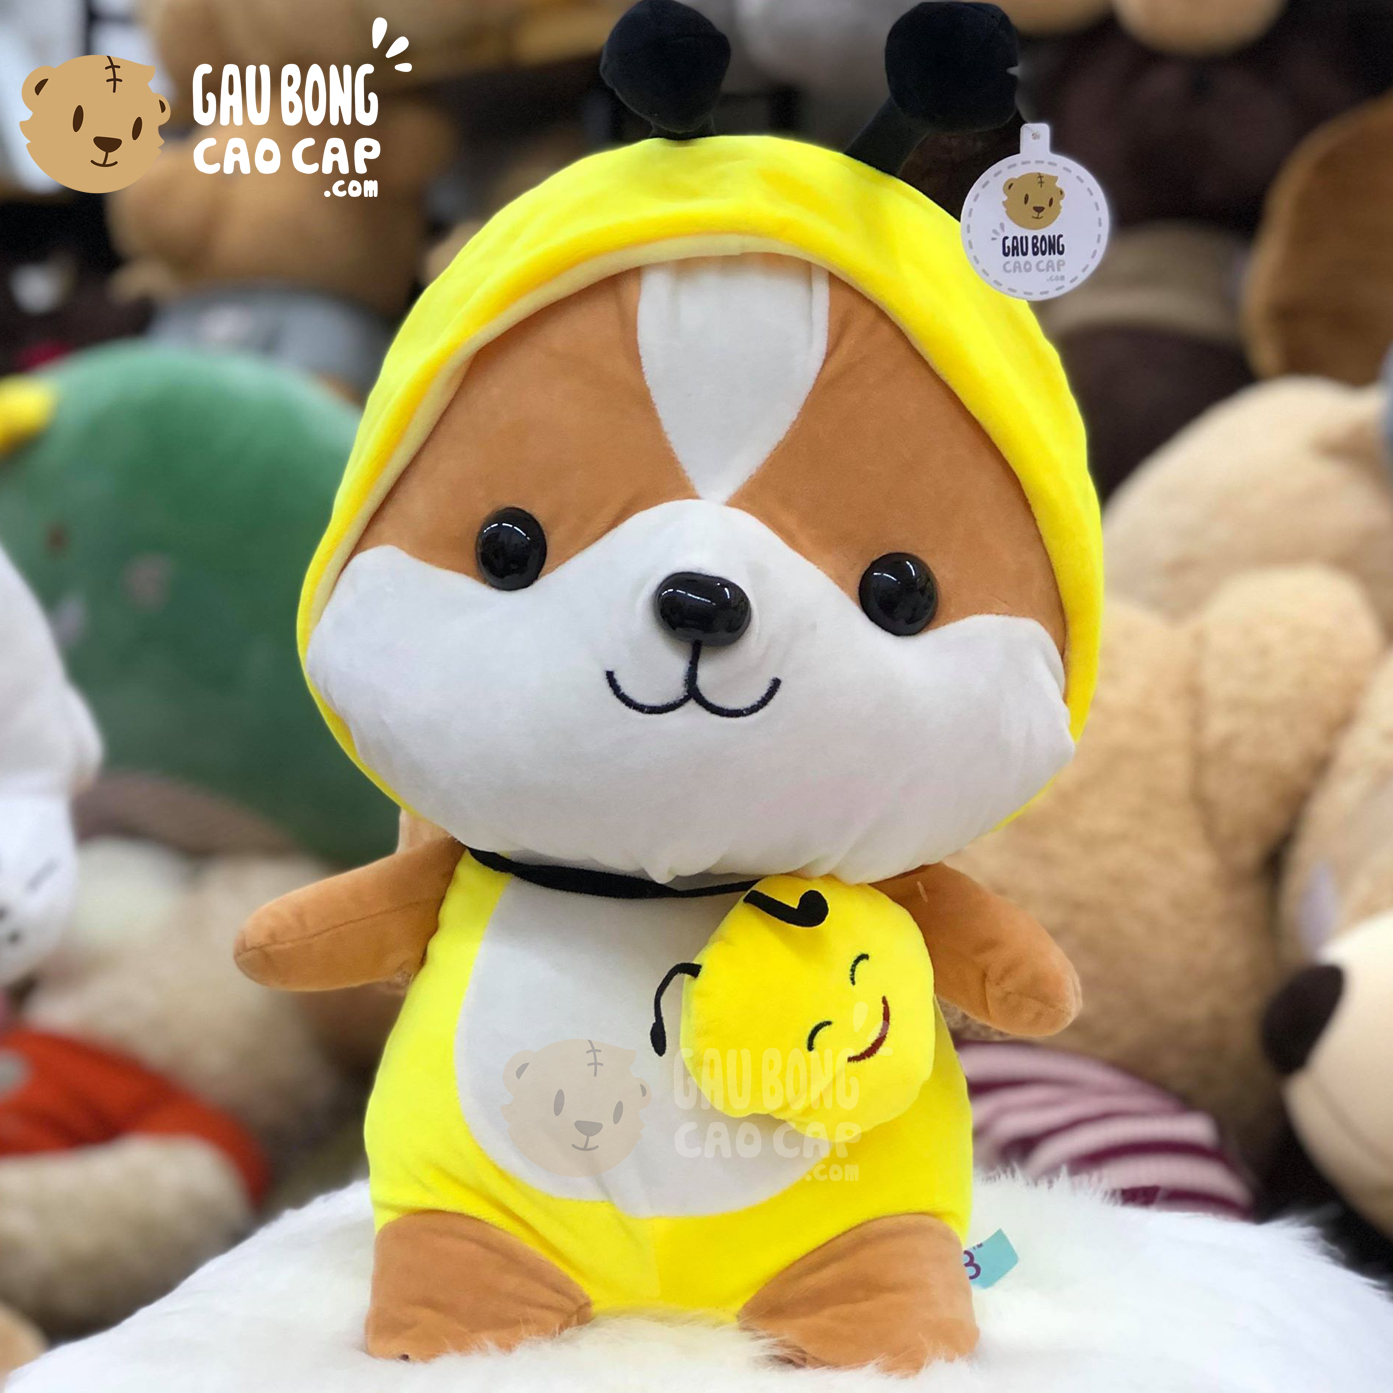 Sóc Bông cosplay Pikachu